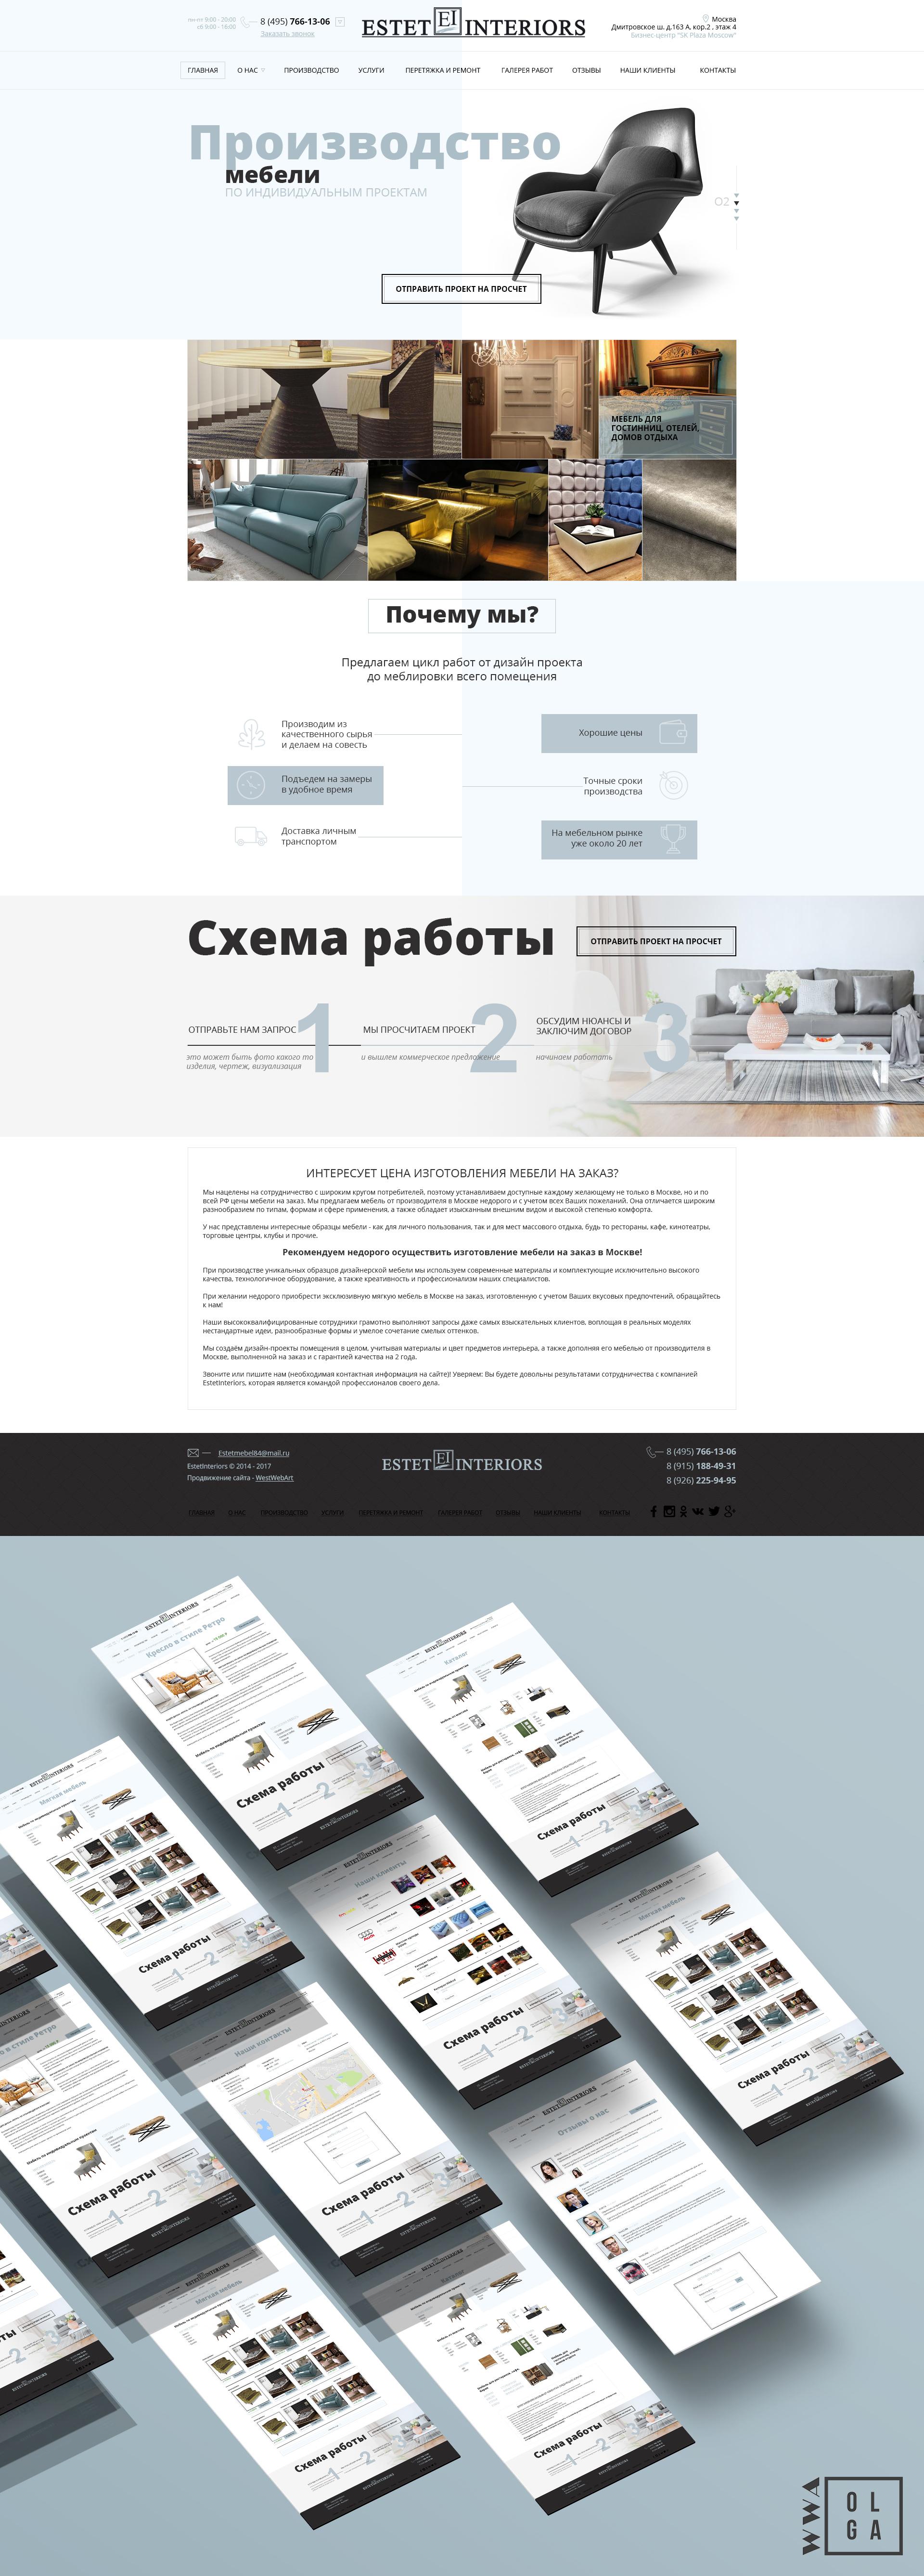 Производство мебели по индивидуальным проектам - estetinteriors.ru